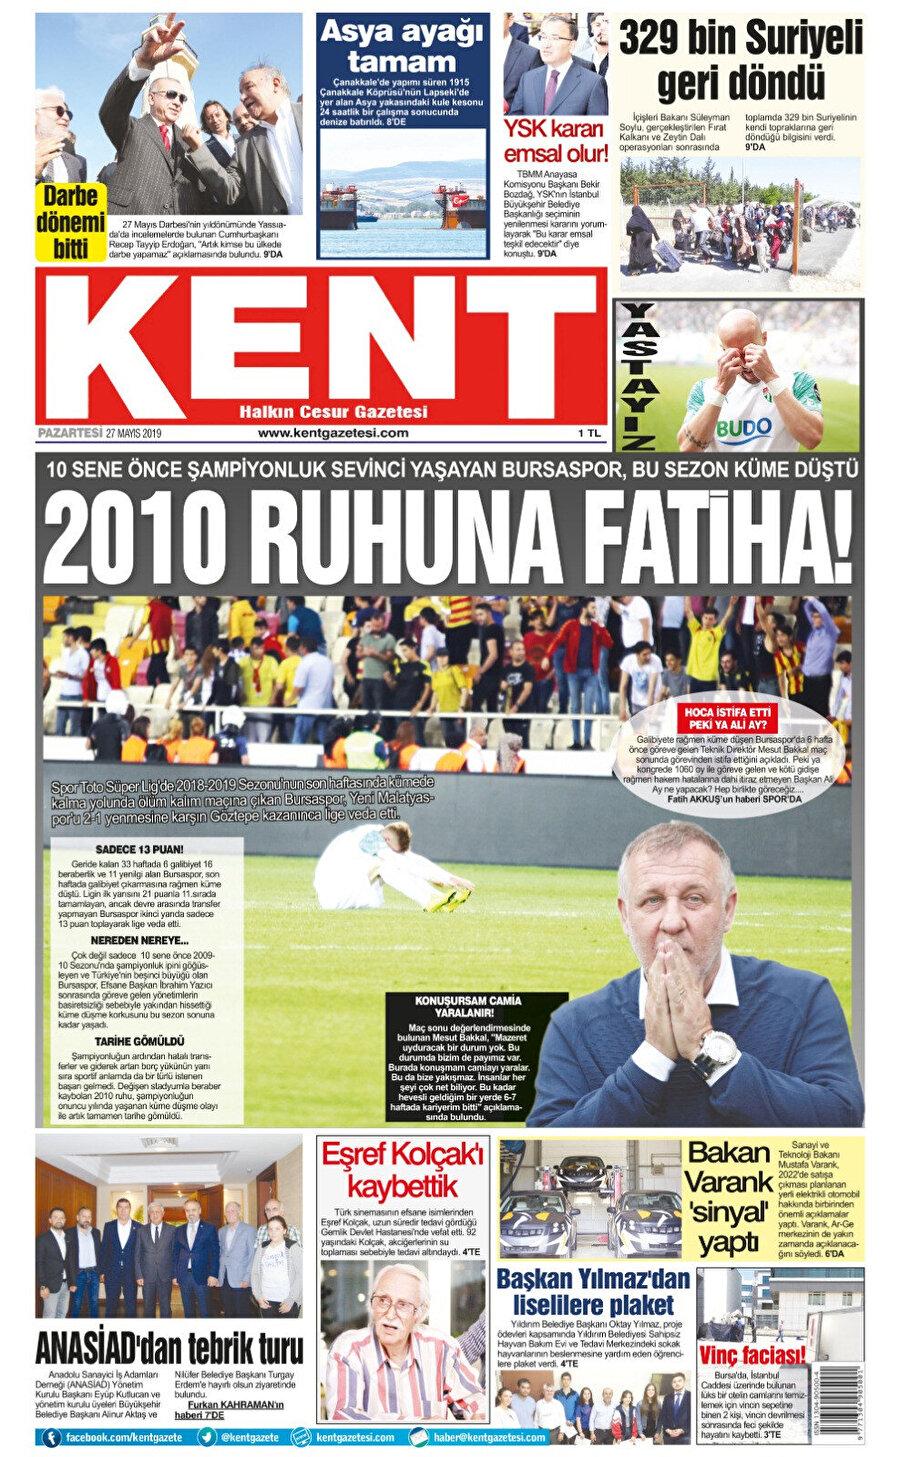 Bursaspor yerel gazetelerinden Kent, şehrin takımının küme düşmesini böyle gördü.